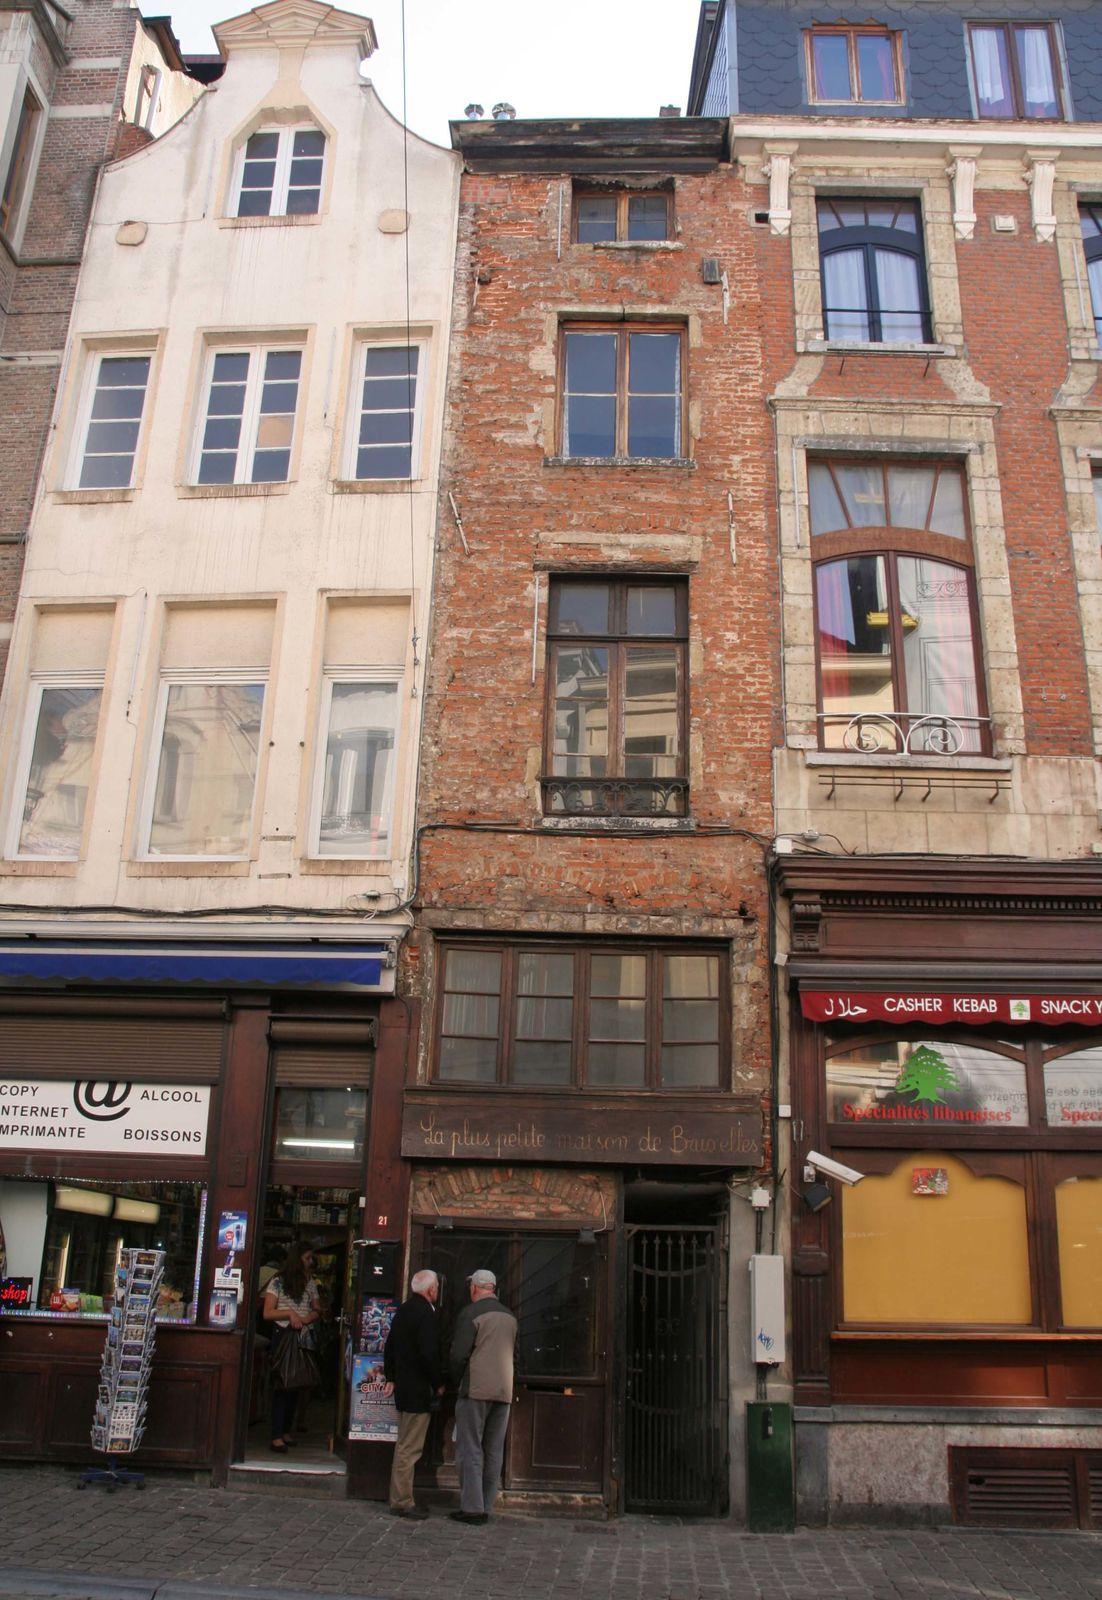 La plus petite maison de bruxelles le blog de ritournelle for Maison minimaliste belgique